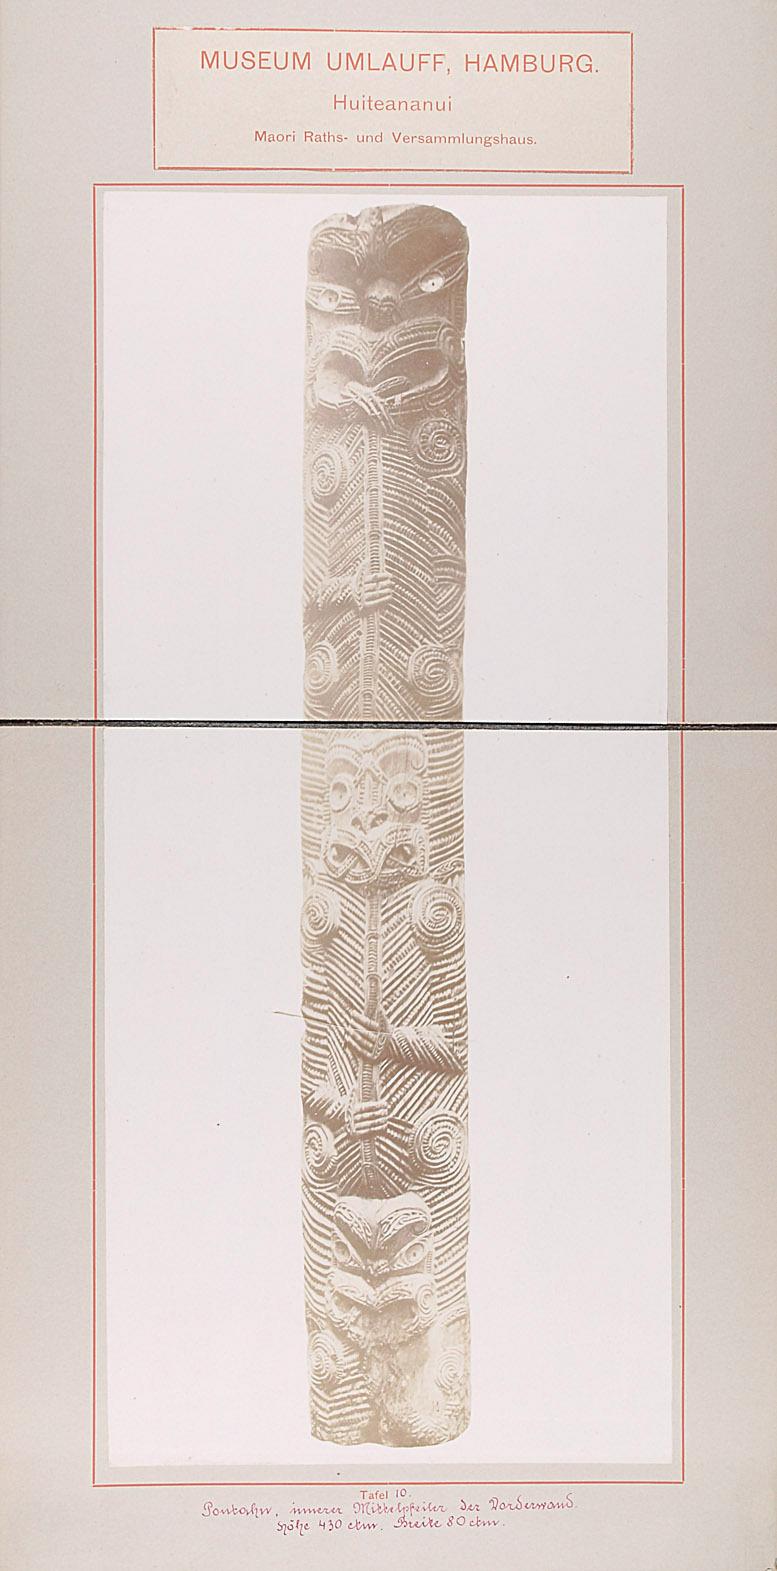 Museum Umlauff, Hamburg. Huiteananui, Maori Raths- und Versammlungshaus: Tafel 10. Poutahu, innere Mittelpfeiler der Vorderwand, Höhe 430 cm, Breite 80 cm von anonym